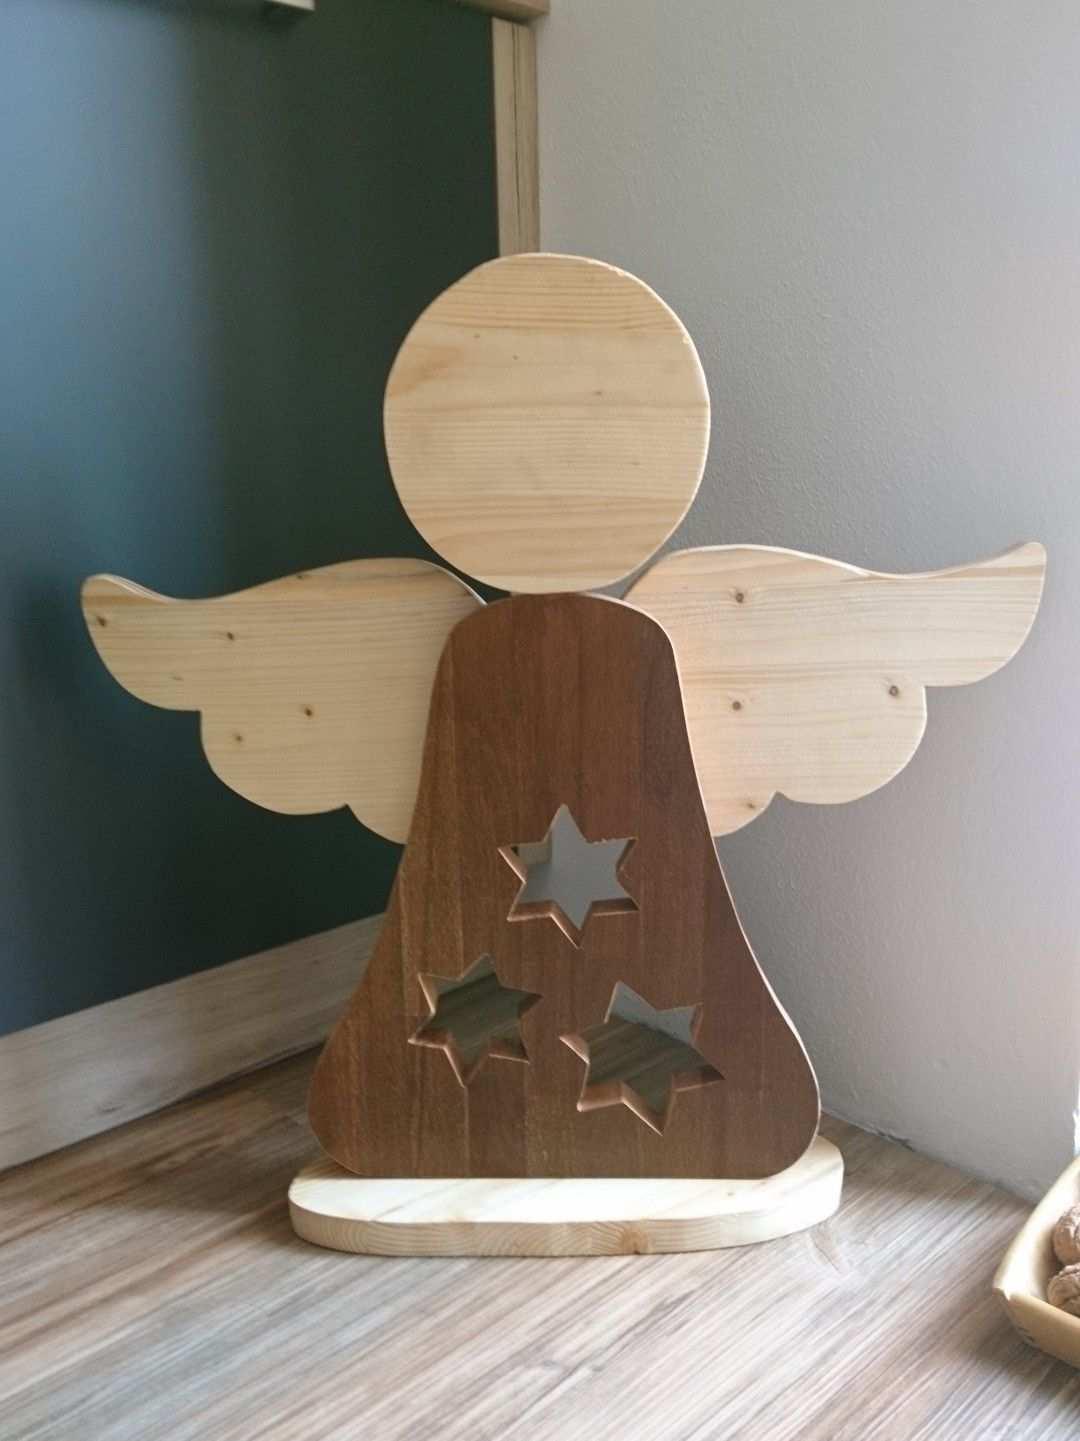 Engel Aus Holzresten Holz Basteln Weihnachten Deko Holz Weihnachten Weihnachtsholz